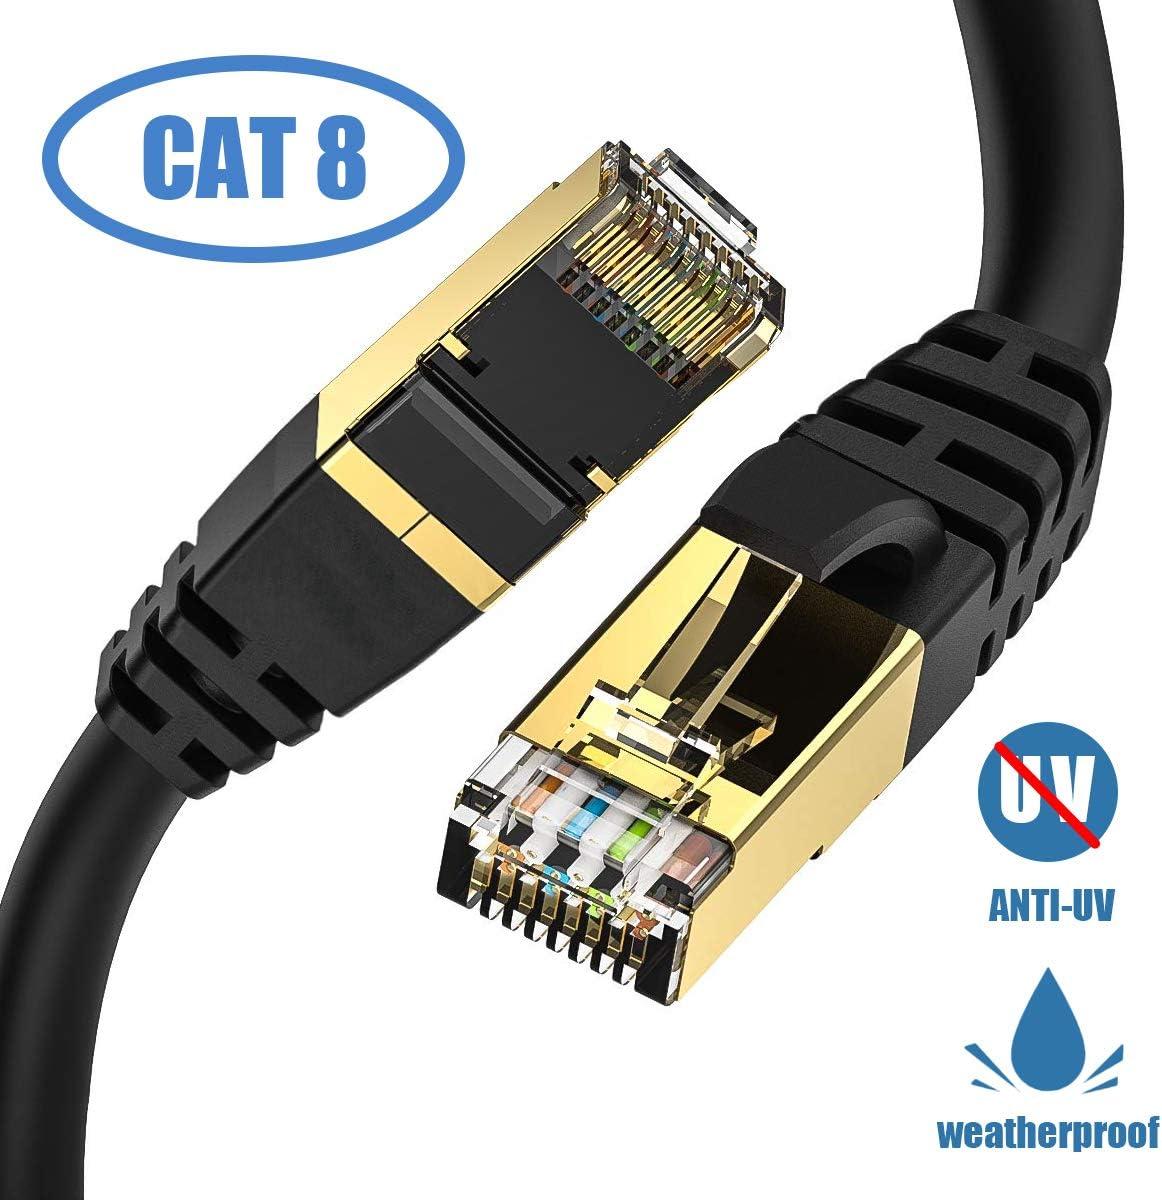 Cat8 Outdoor Kabel Iqian Ethernet High Speed 40 Gbps Rj45 Gigabit Netzwerkkabel Mit Vergoldetem Stecker Für Die Verwendung Von Datenzentren Unternehmen Smart Home Netzwerk 4 5m Schwarz Computer Zubehör